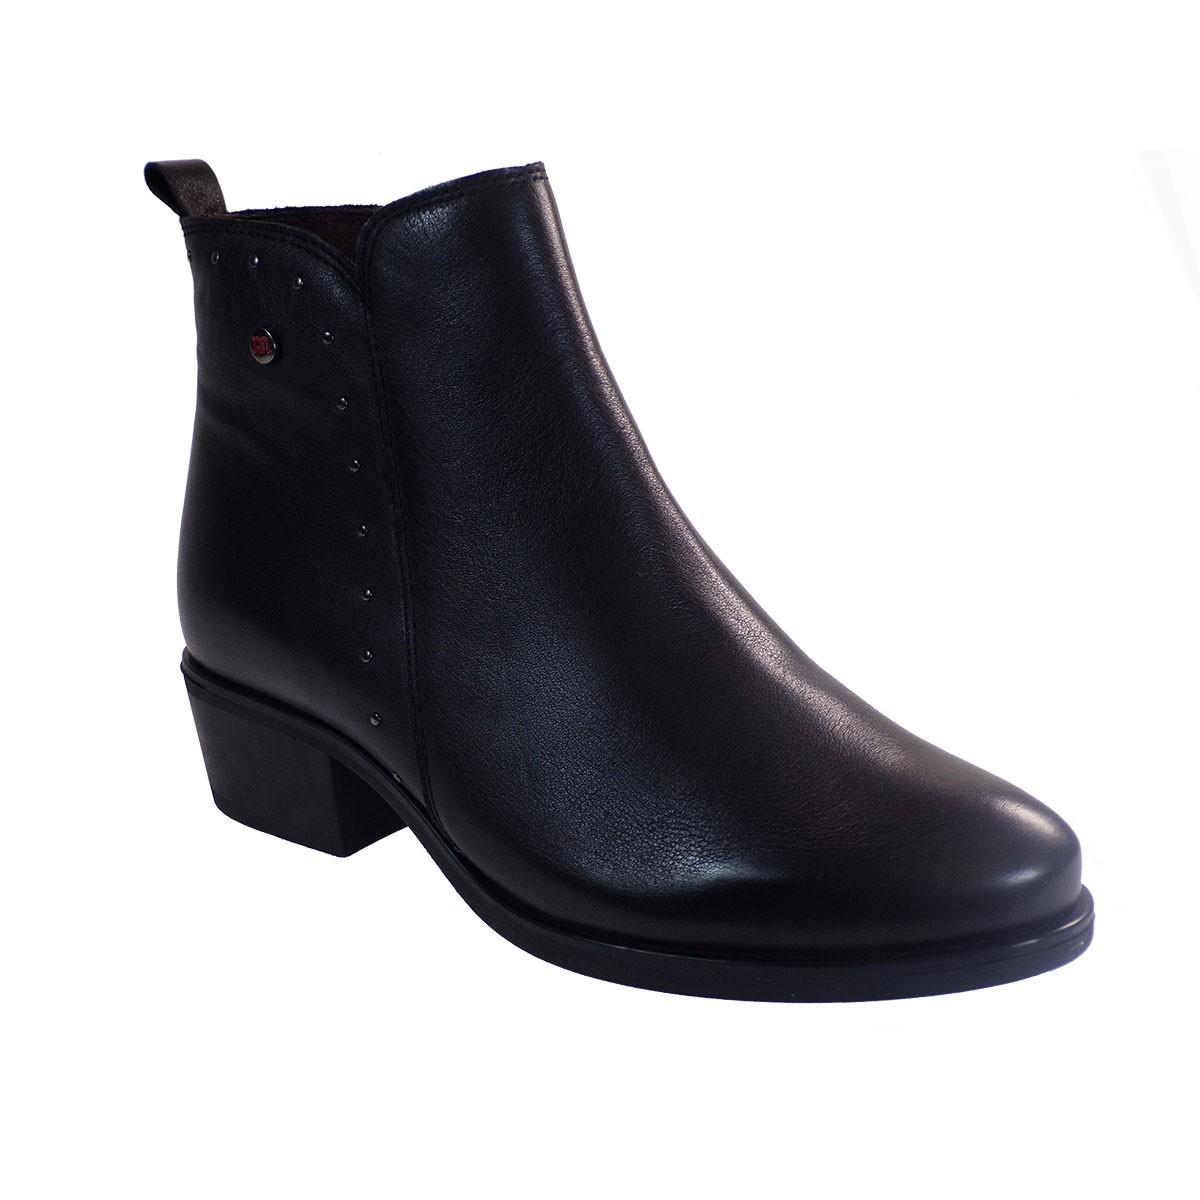 PEPE MENARGUES SHOES Γυναικεία Παπούτσια Μποτάκια 20401 Μαύρο Δέρμα